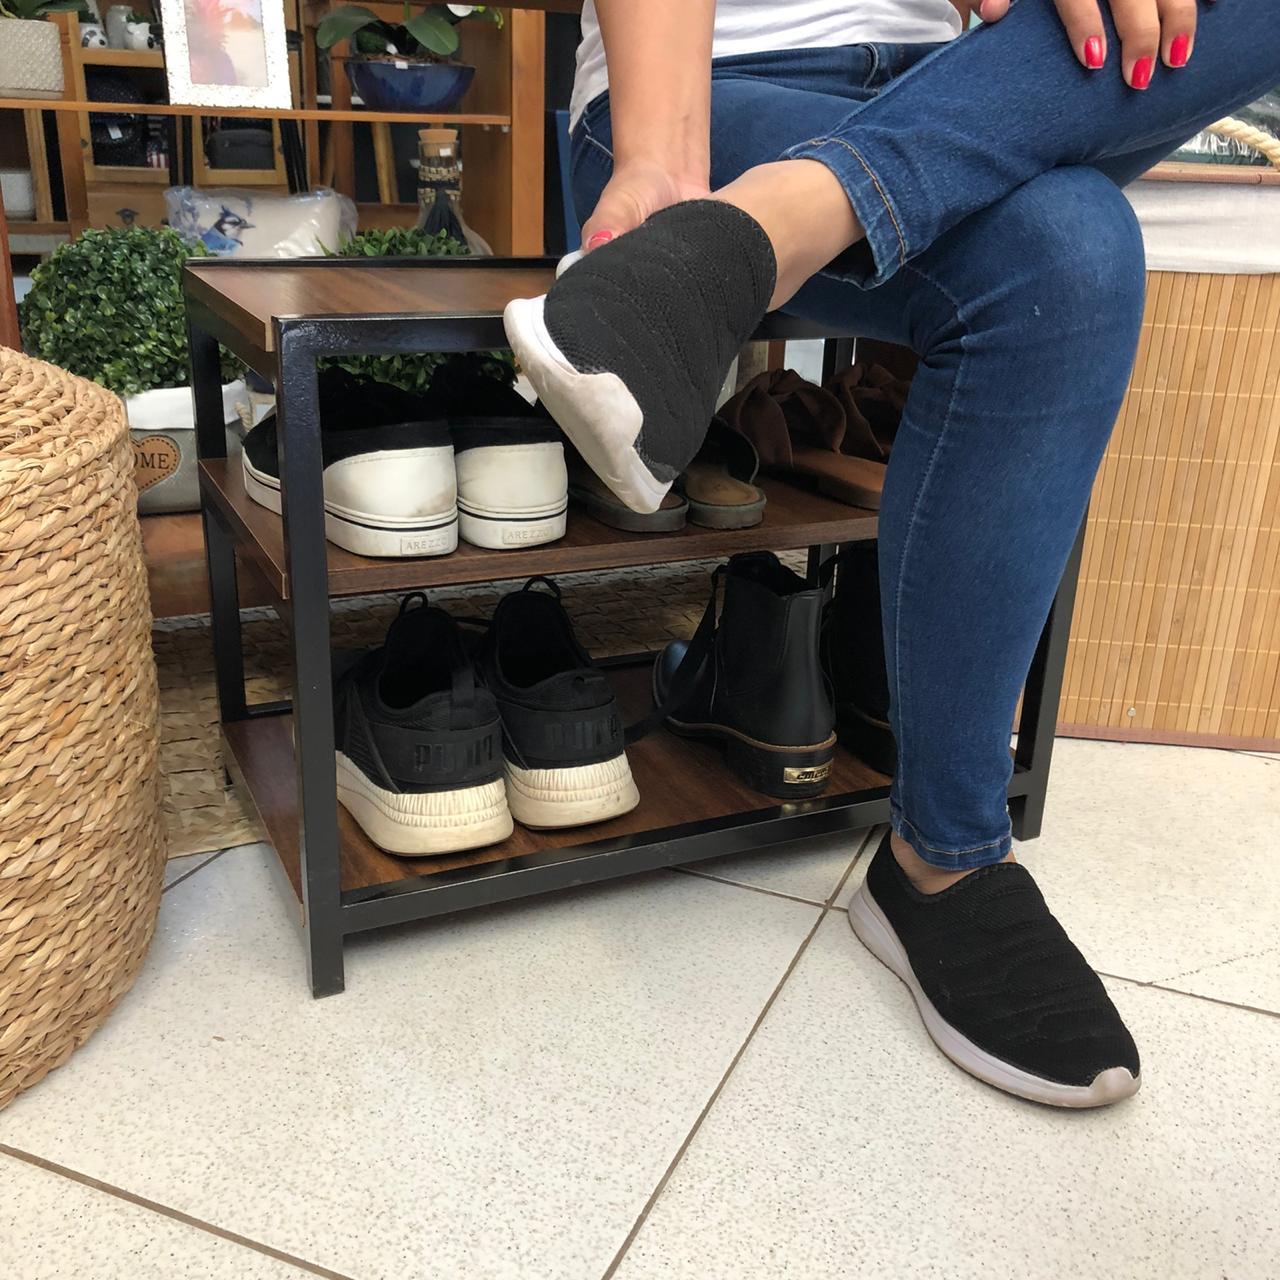 Banco Sapateira para Porta de Casa em Ferro e Mdf para Organizar Sapatos Imbuia